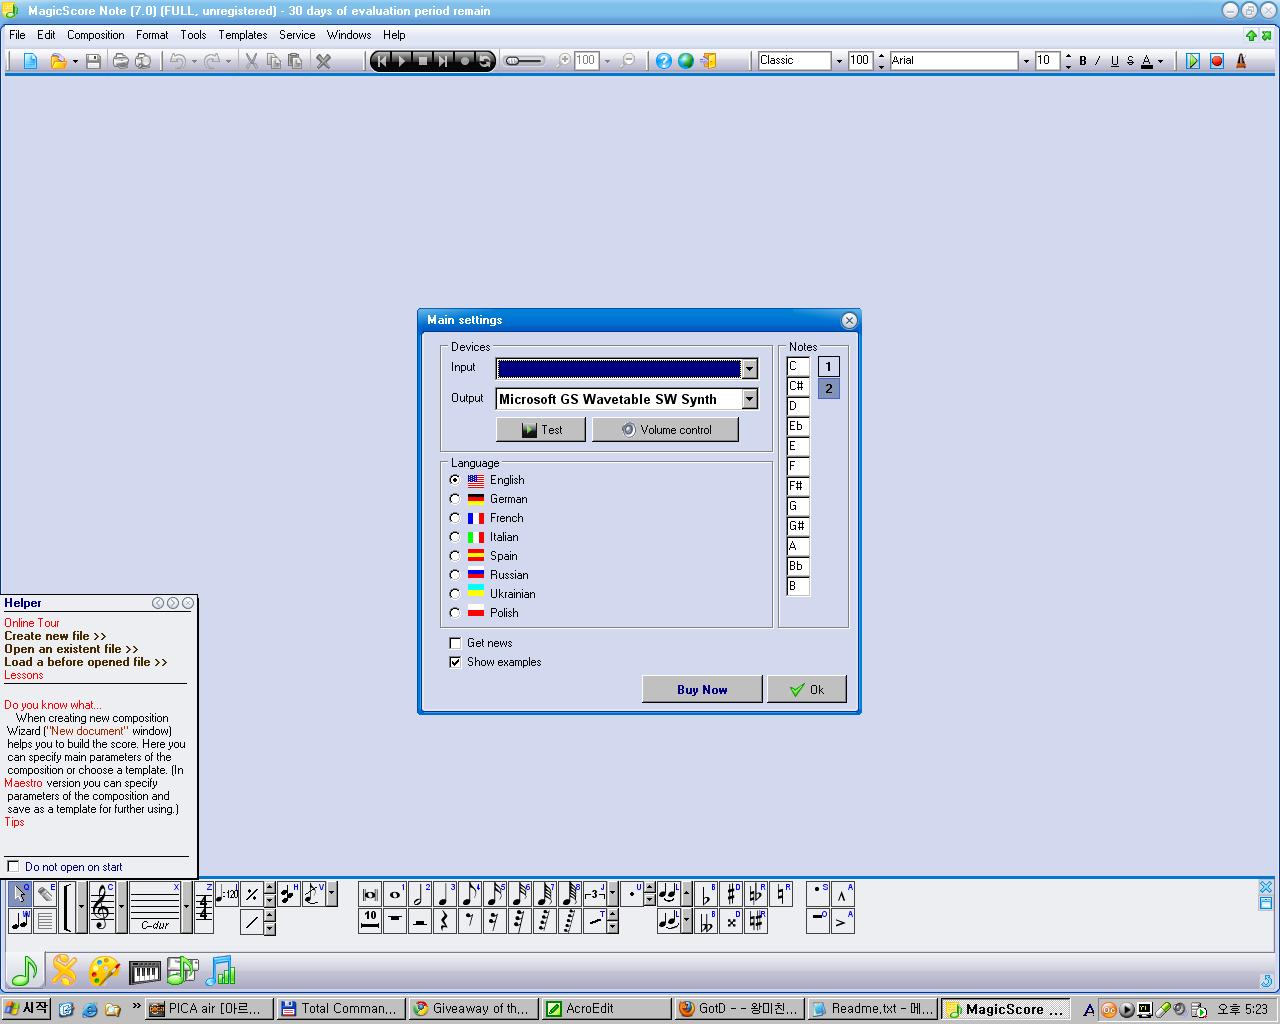 설치한 뒤 첫 실행 화면 1